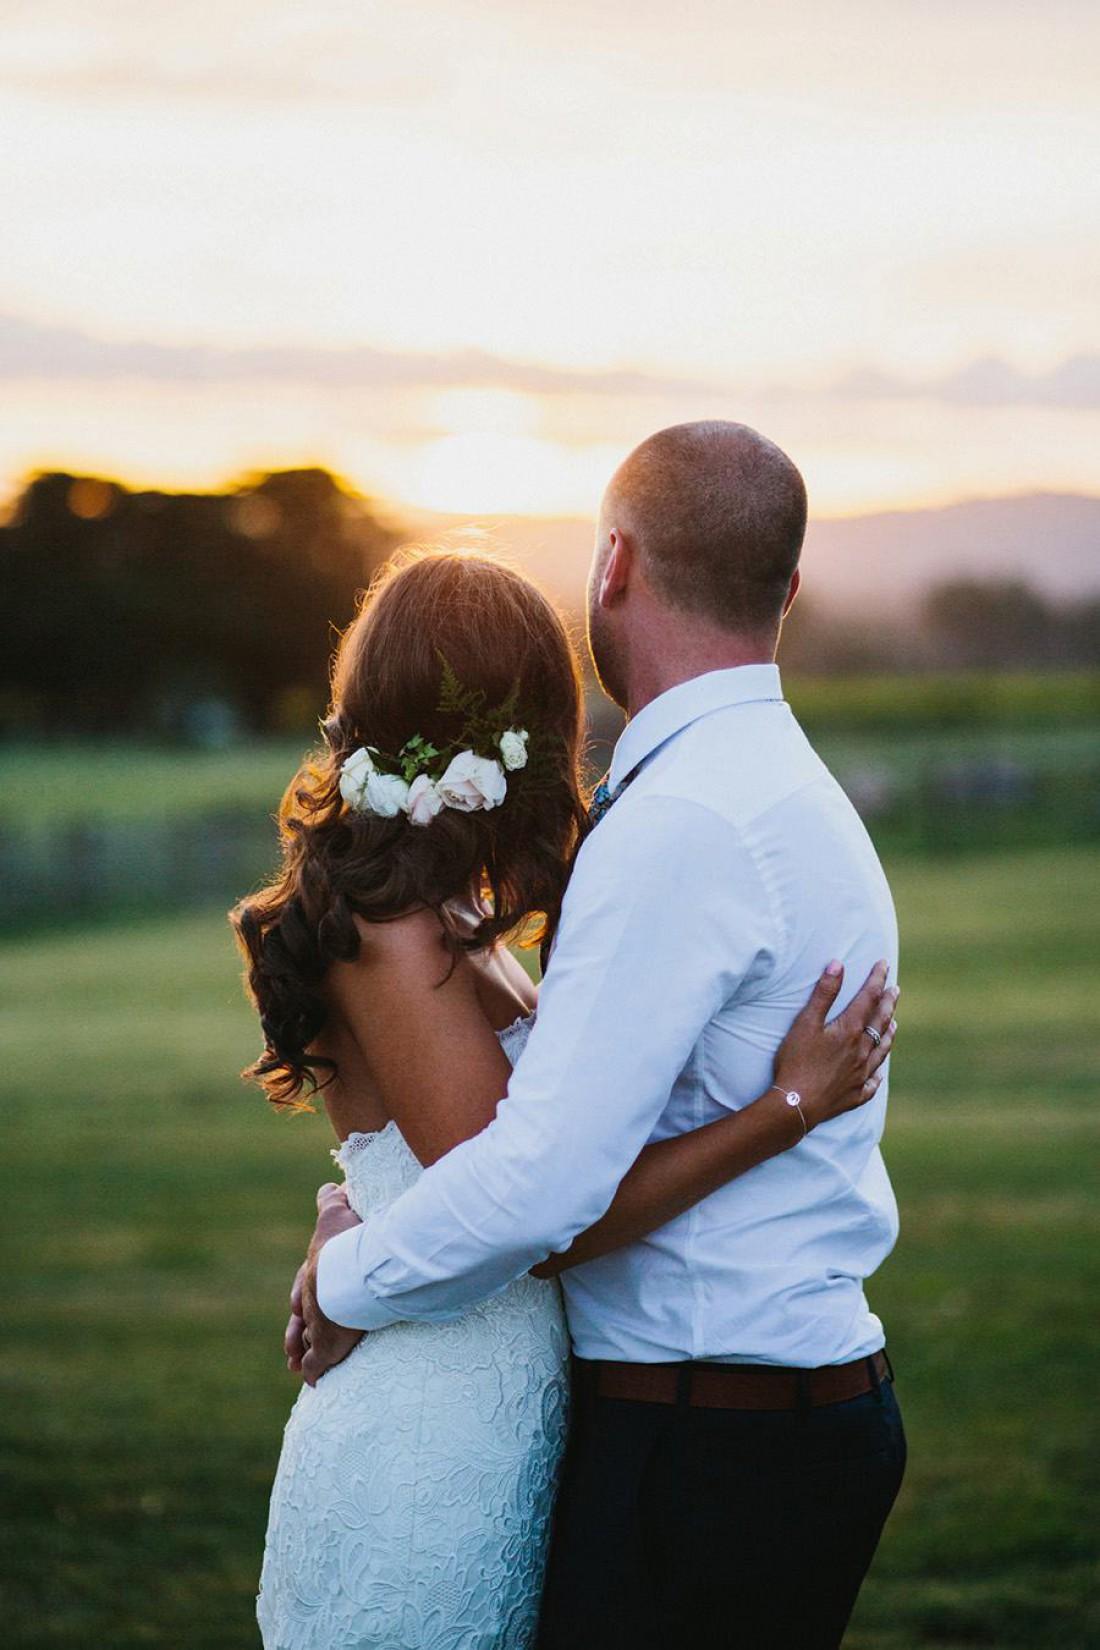 Иногда мечты о свадьбе могут так и остаться мечтами